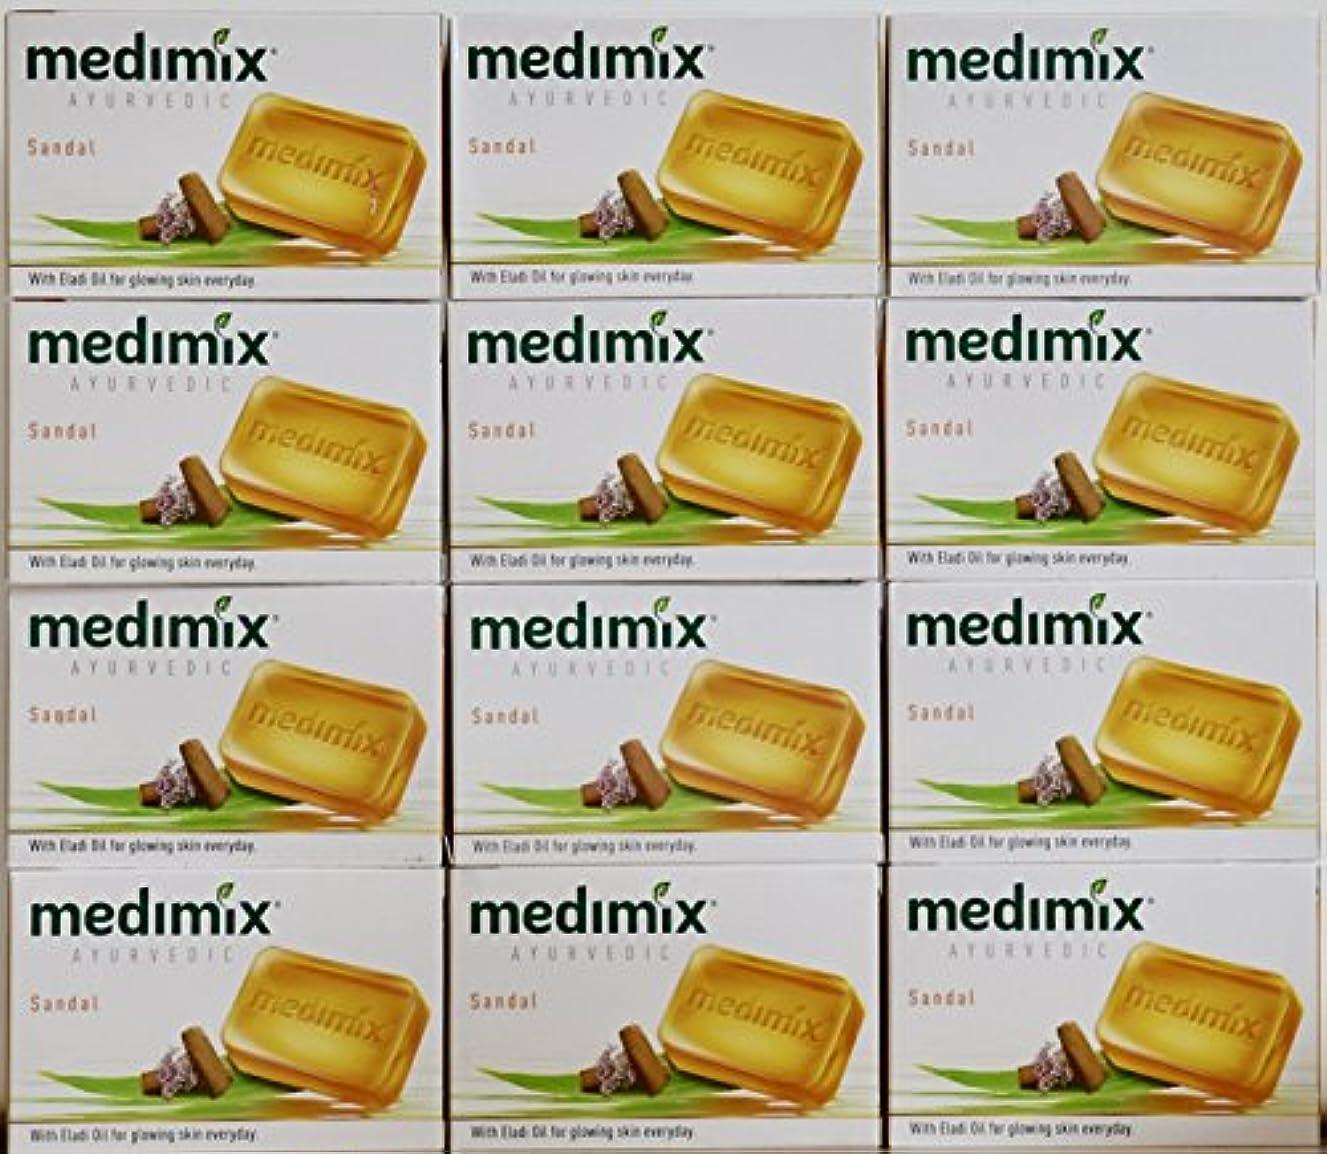 スキム謝罪するぜいたくmedimix メディミックス アーユルヴェディックサンダル 石鹸(旧商品名クラシックオレンジ))125g 12個入り